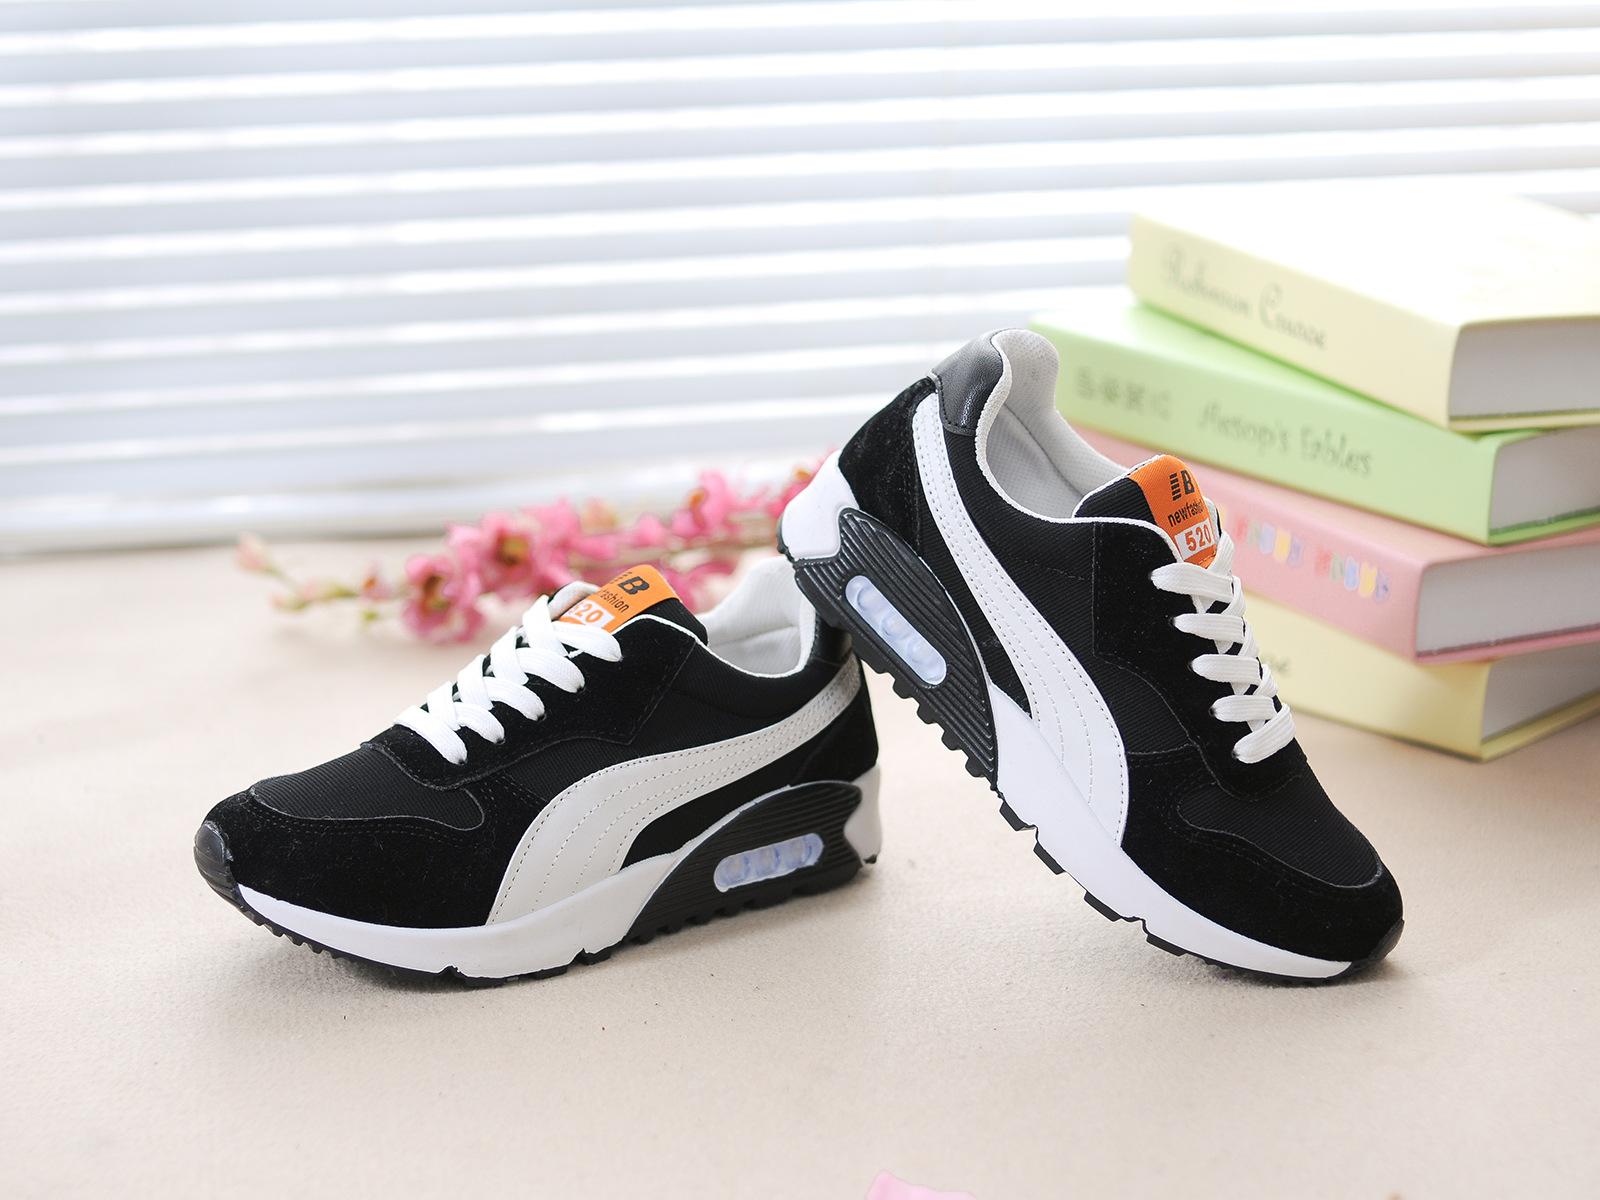 Quý cô sành điệu với những hiểu biết khi chọn mua giày dép - 3